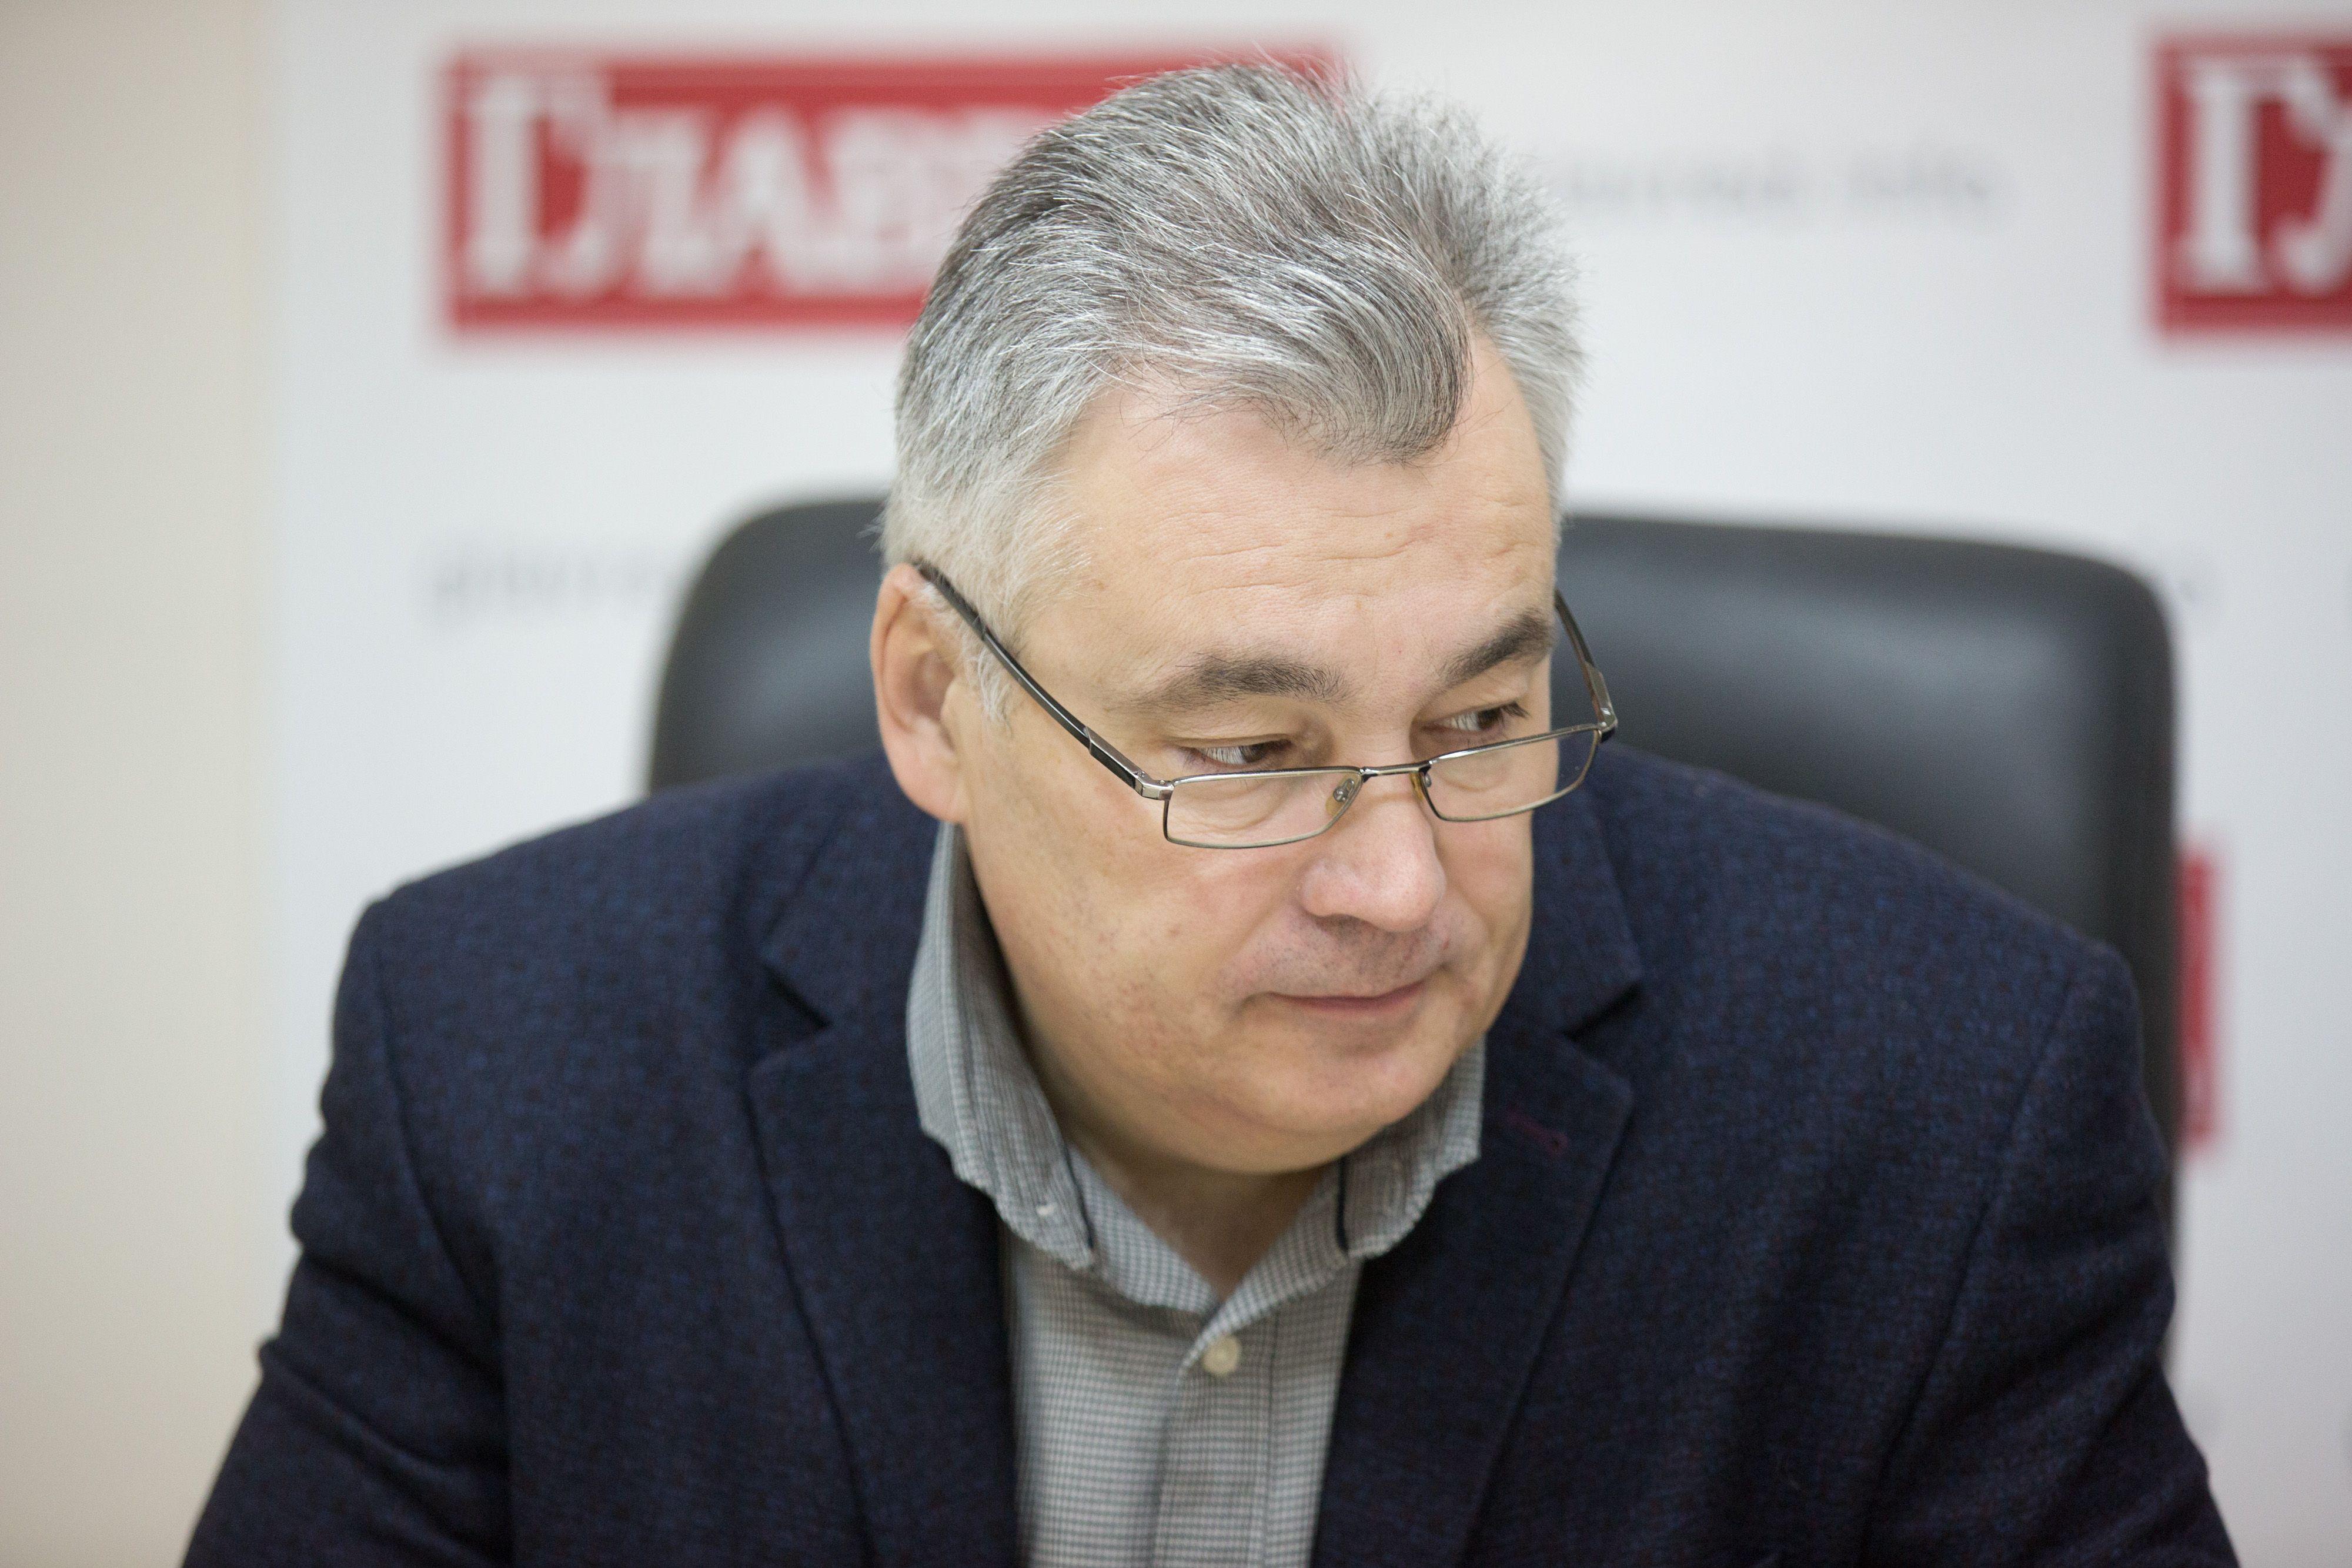 Слова лидера врага не стоит воспринимать серьезно, отметил Дмитрий Снегирев